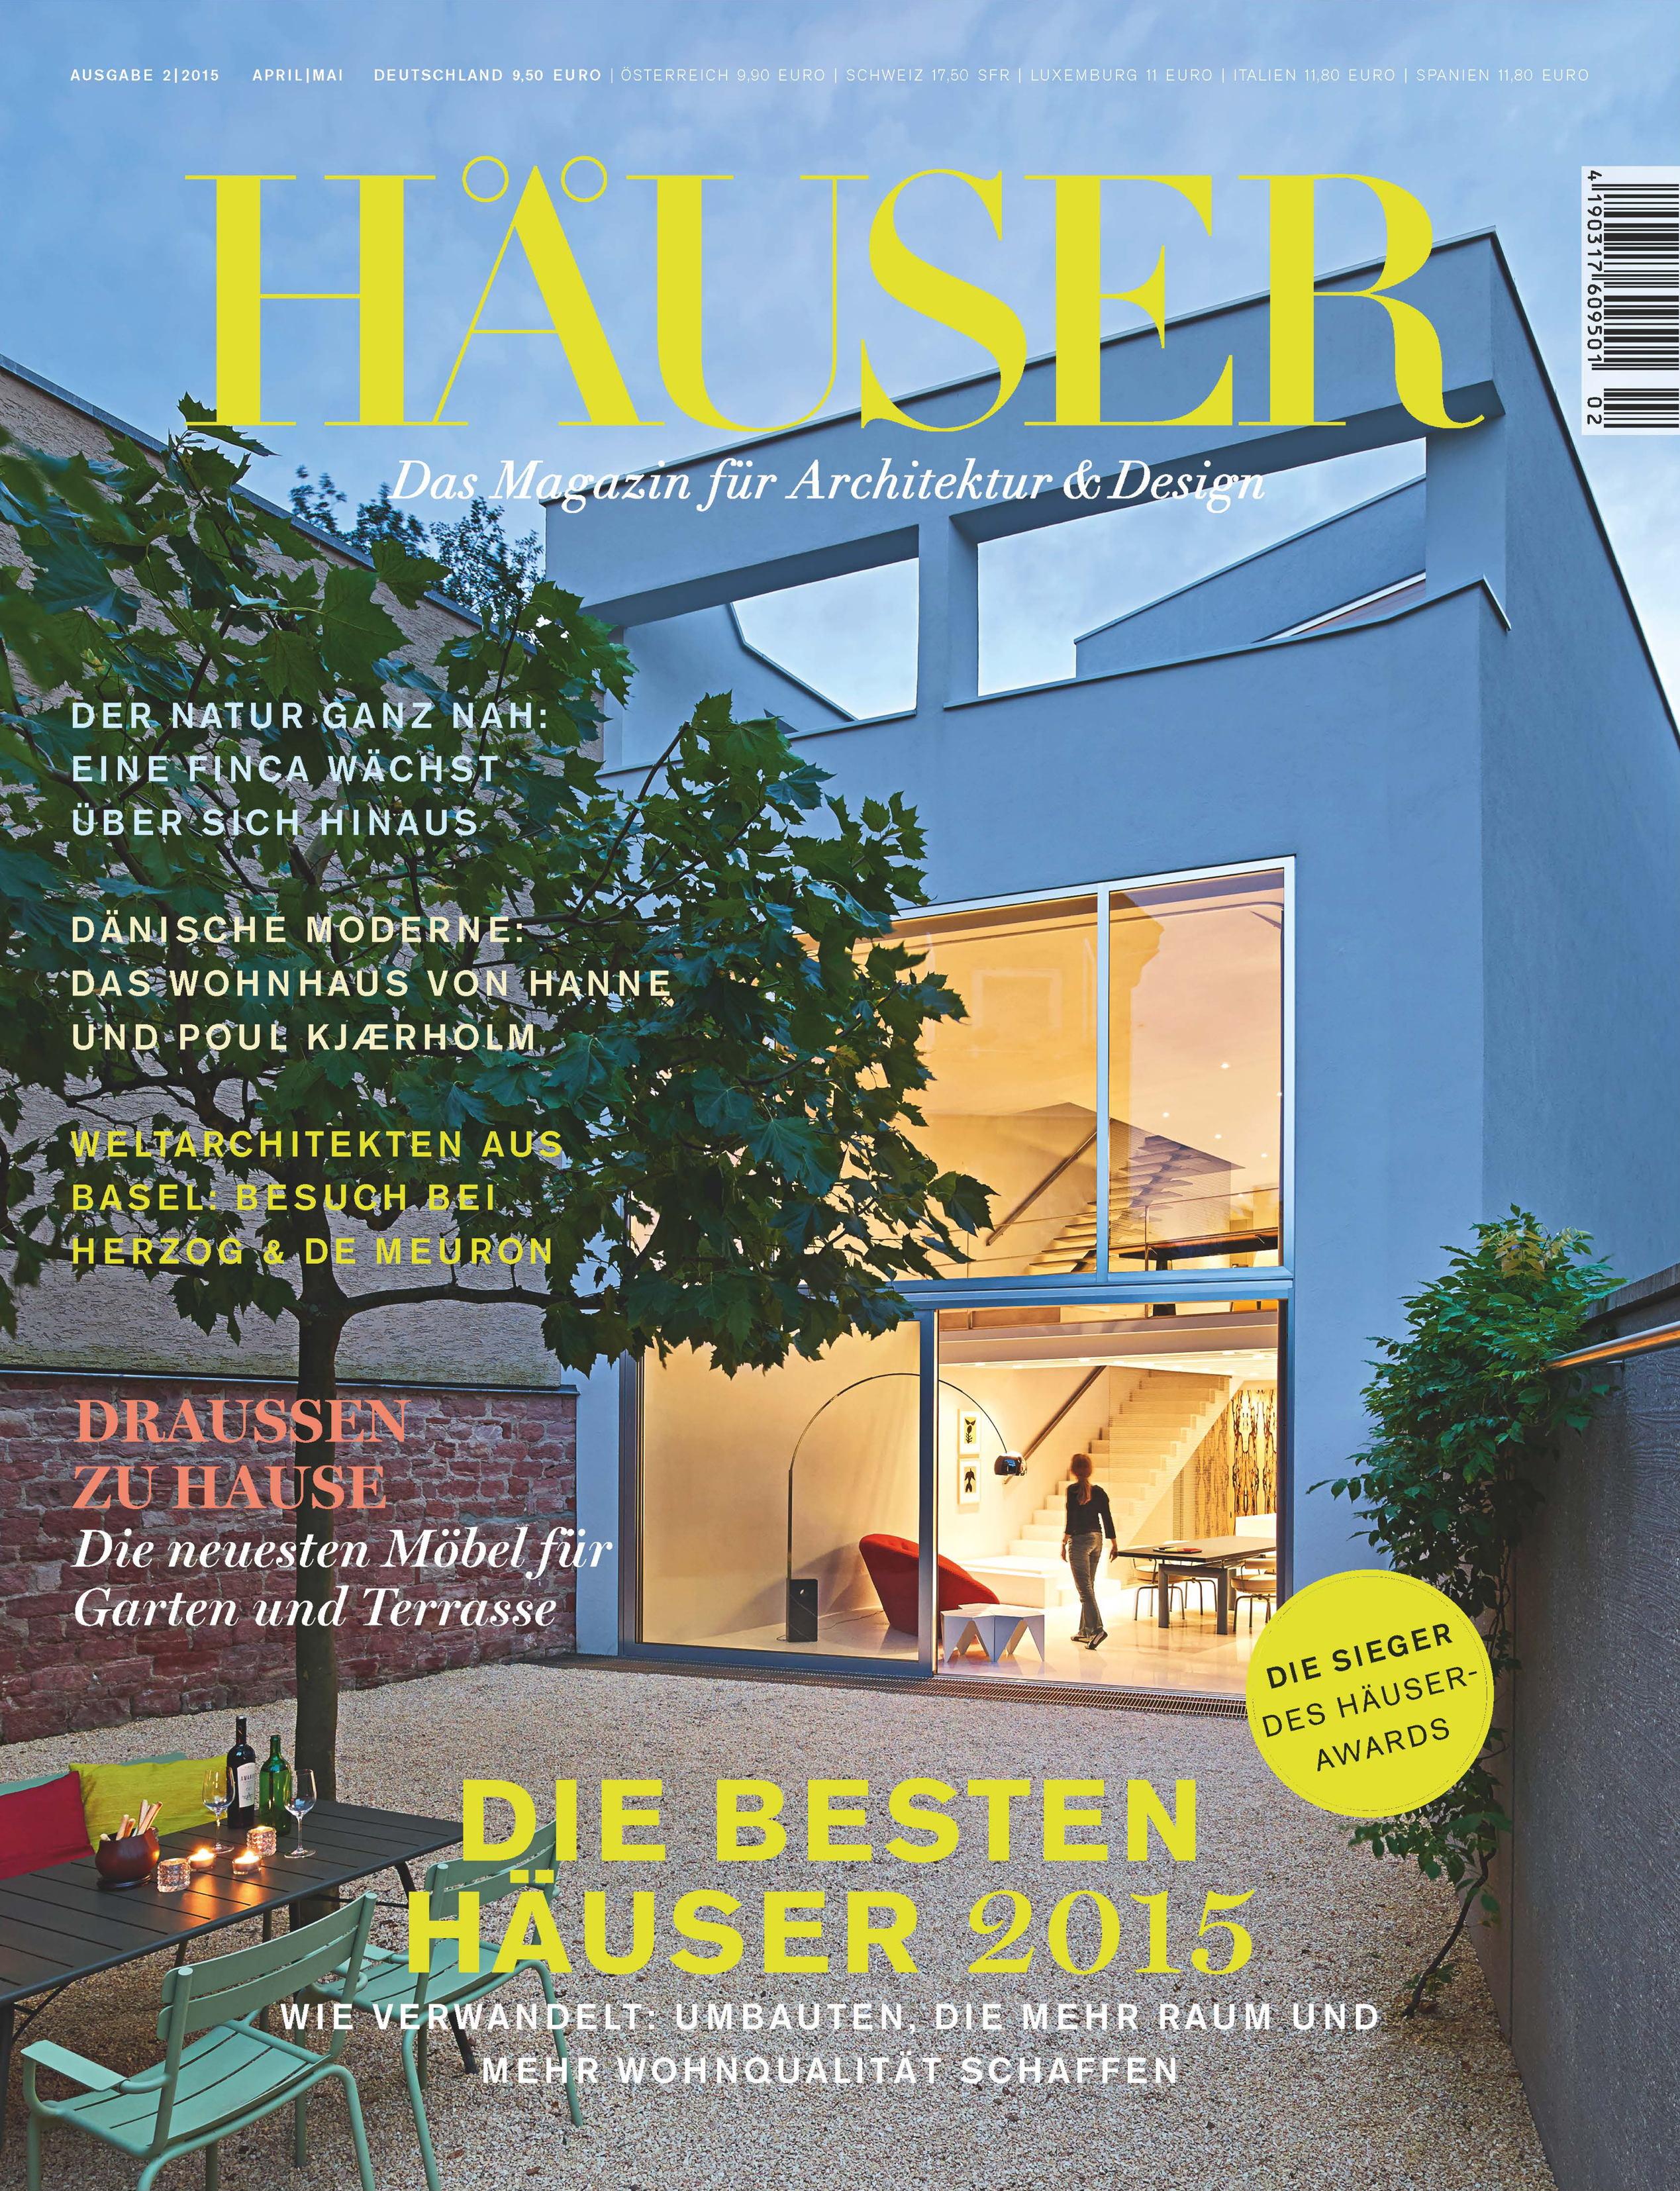 ▷ HÄUSER AWARD 2015: Die Besten Umbauten, Erweiterungen Und  Modernisierungen / Die ... | Presseportal